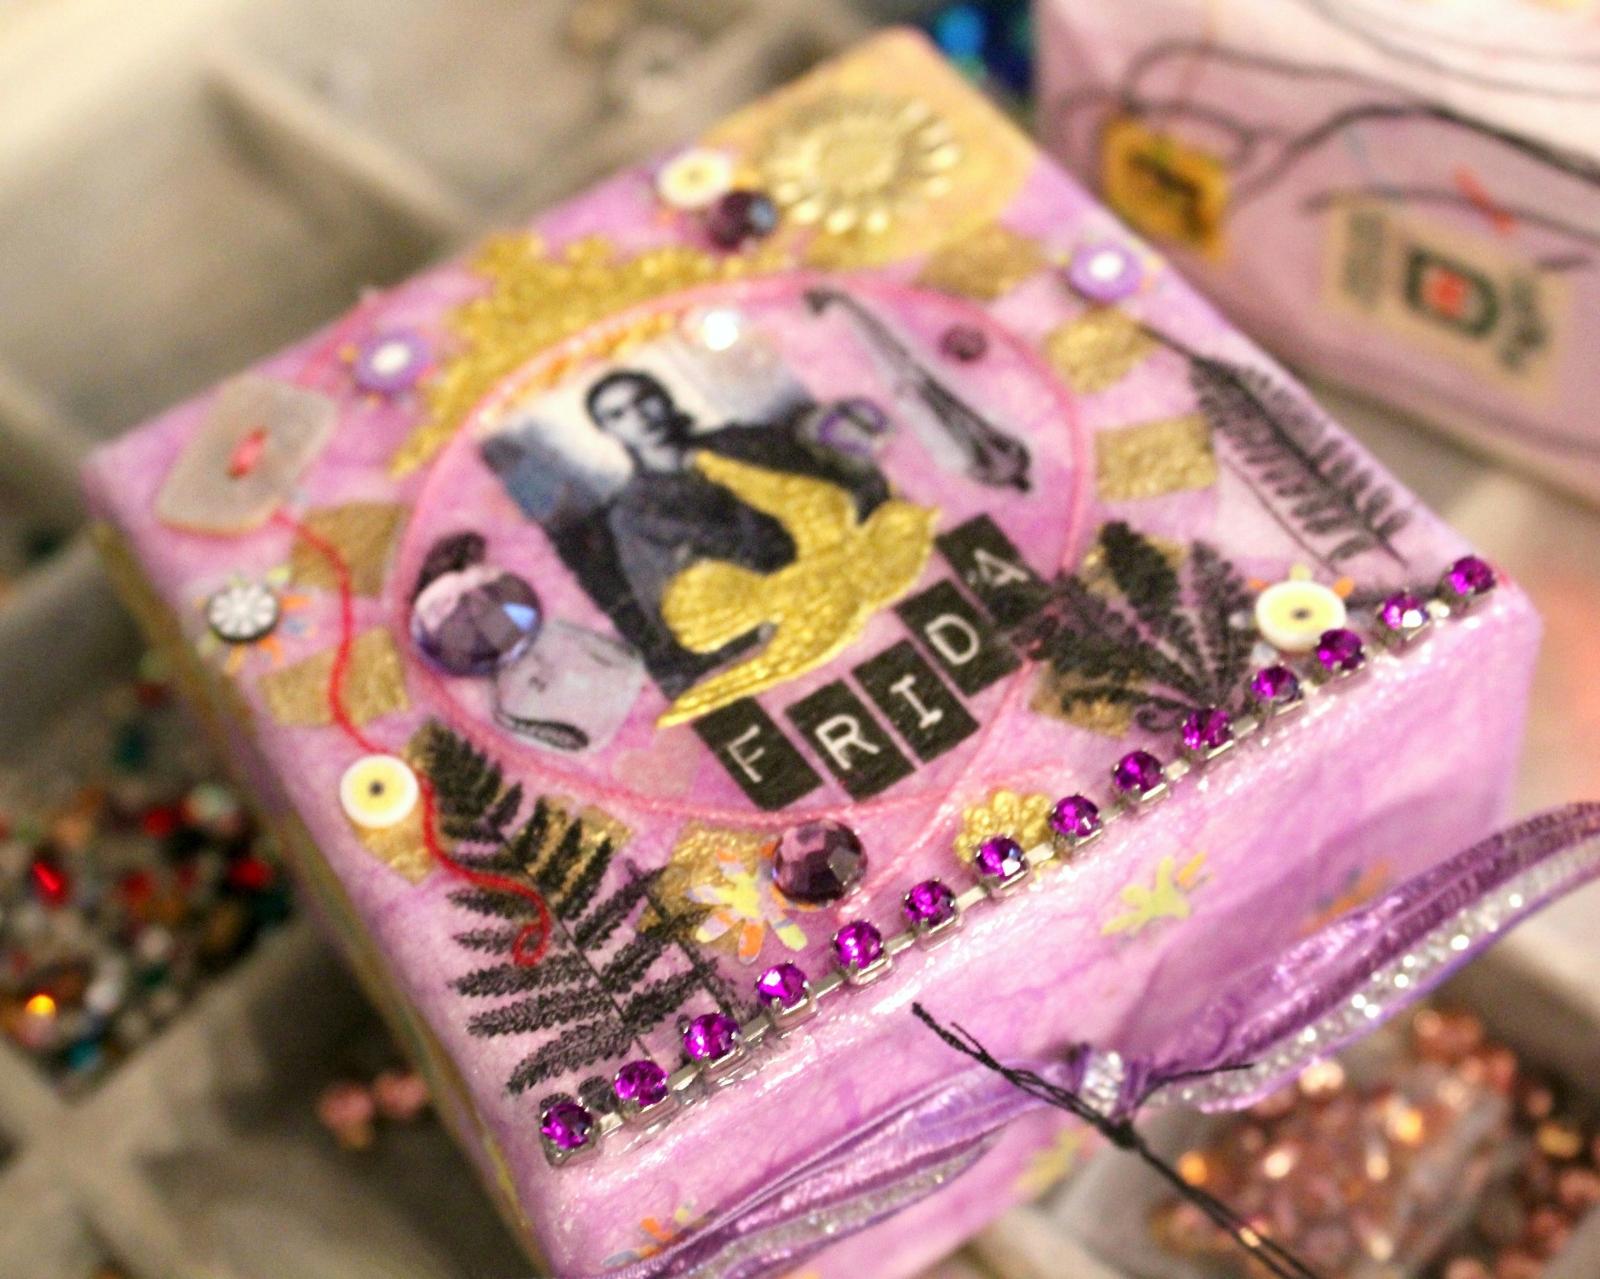 embellished mixed media Frida Khalo art by Caroline Daley